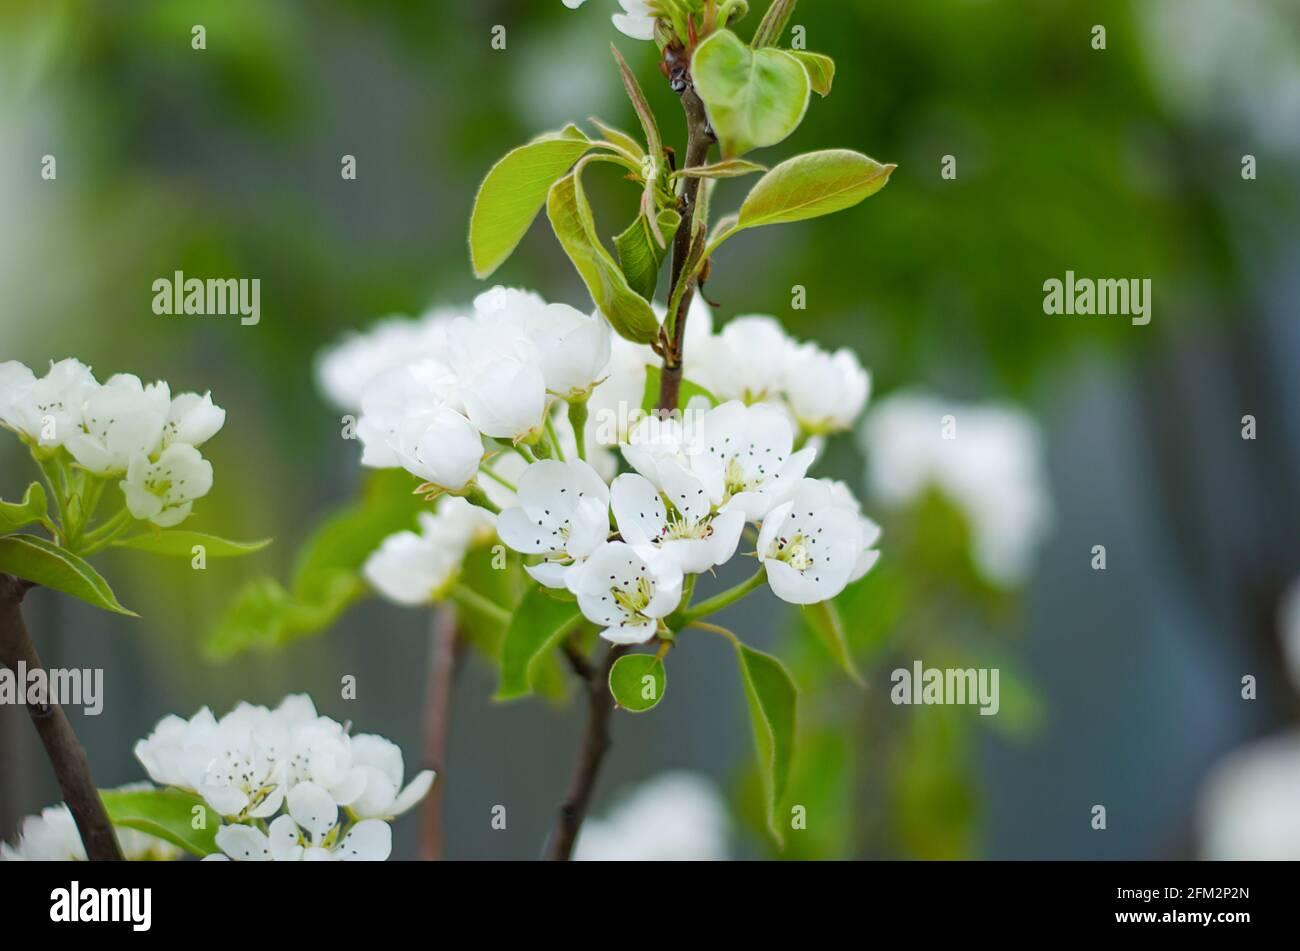 Flores de pera en flor. Jardín de primavera en flor. Primer plano. Flores. Preciosas vistas. Agricultura y agroindustria. Foto de stock